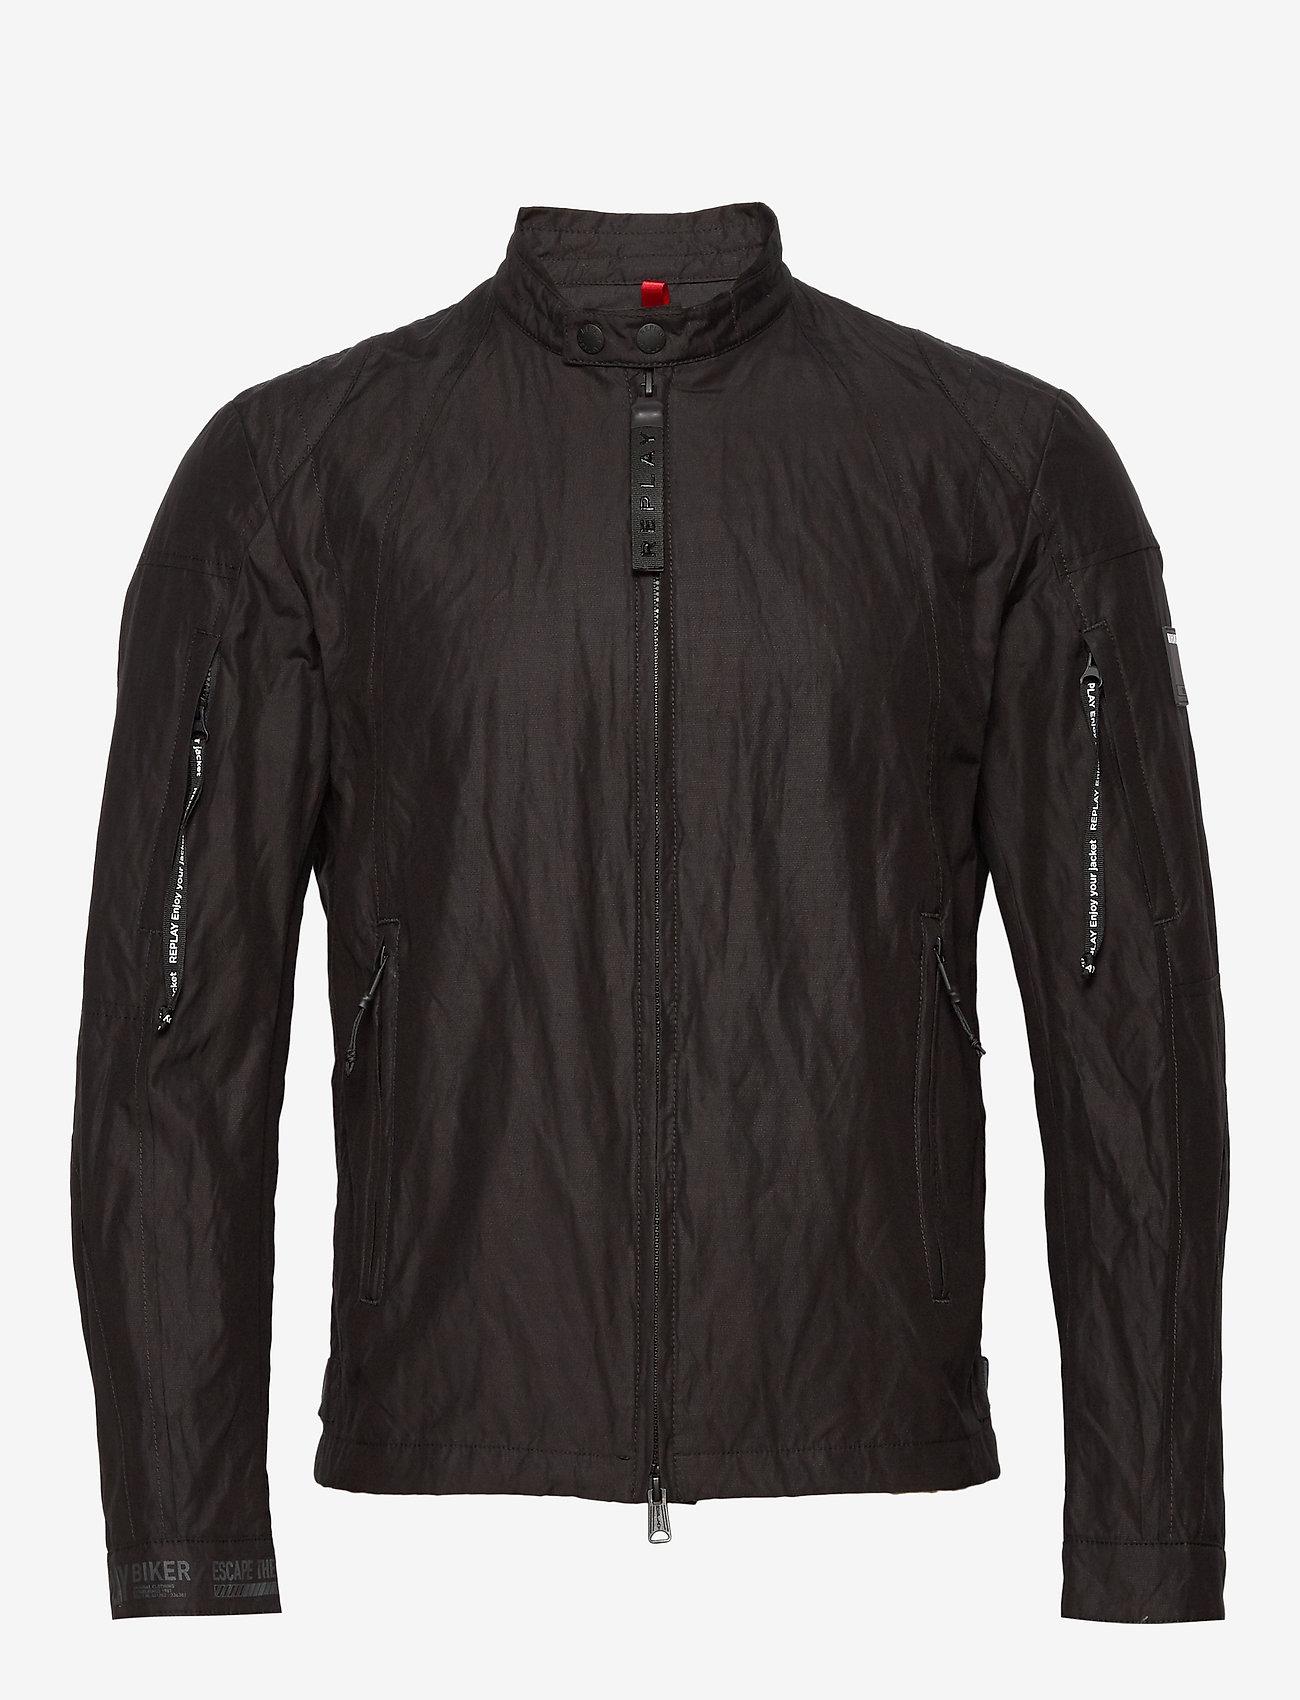 Replay Jacket - Jackets & Coats